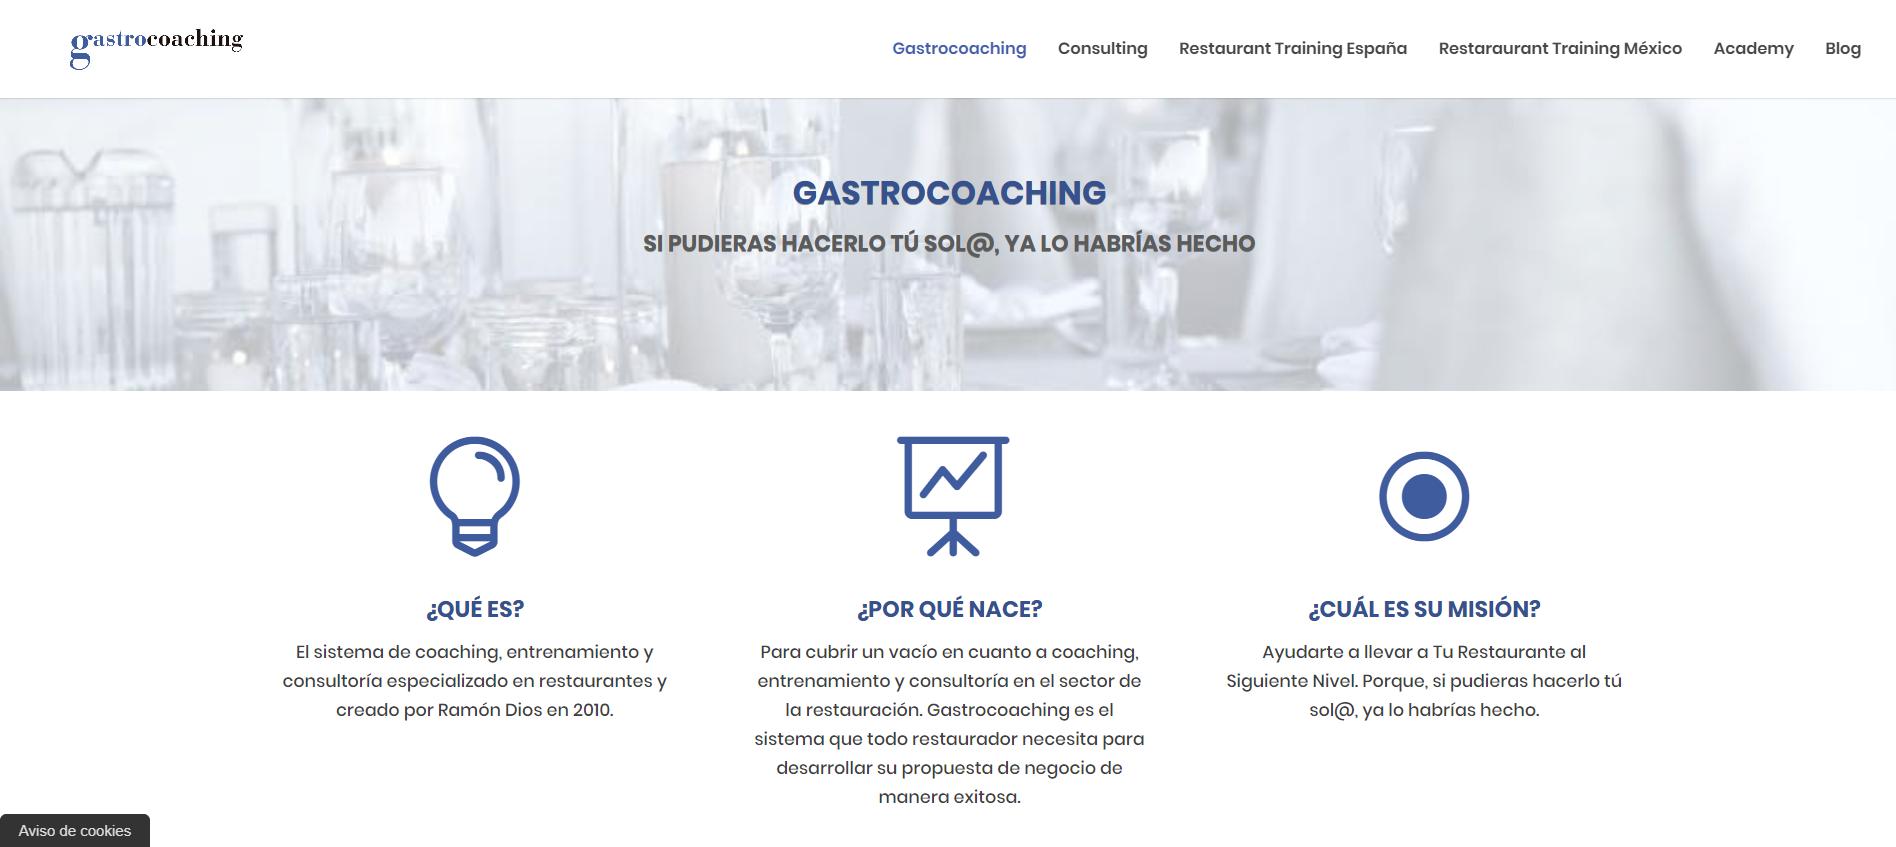 Los 6 mejores Blogs sobre hostelería y restauración. Página de bienvenida del Blog GastroCoaching